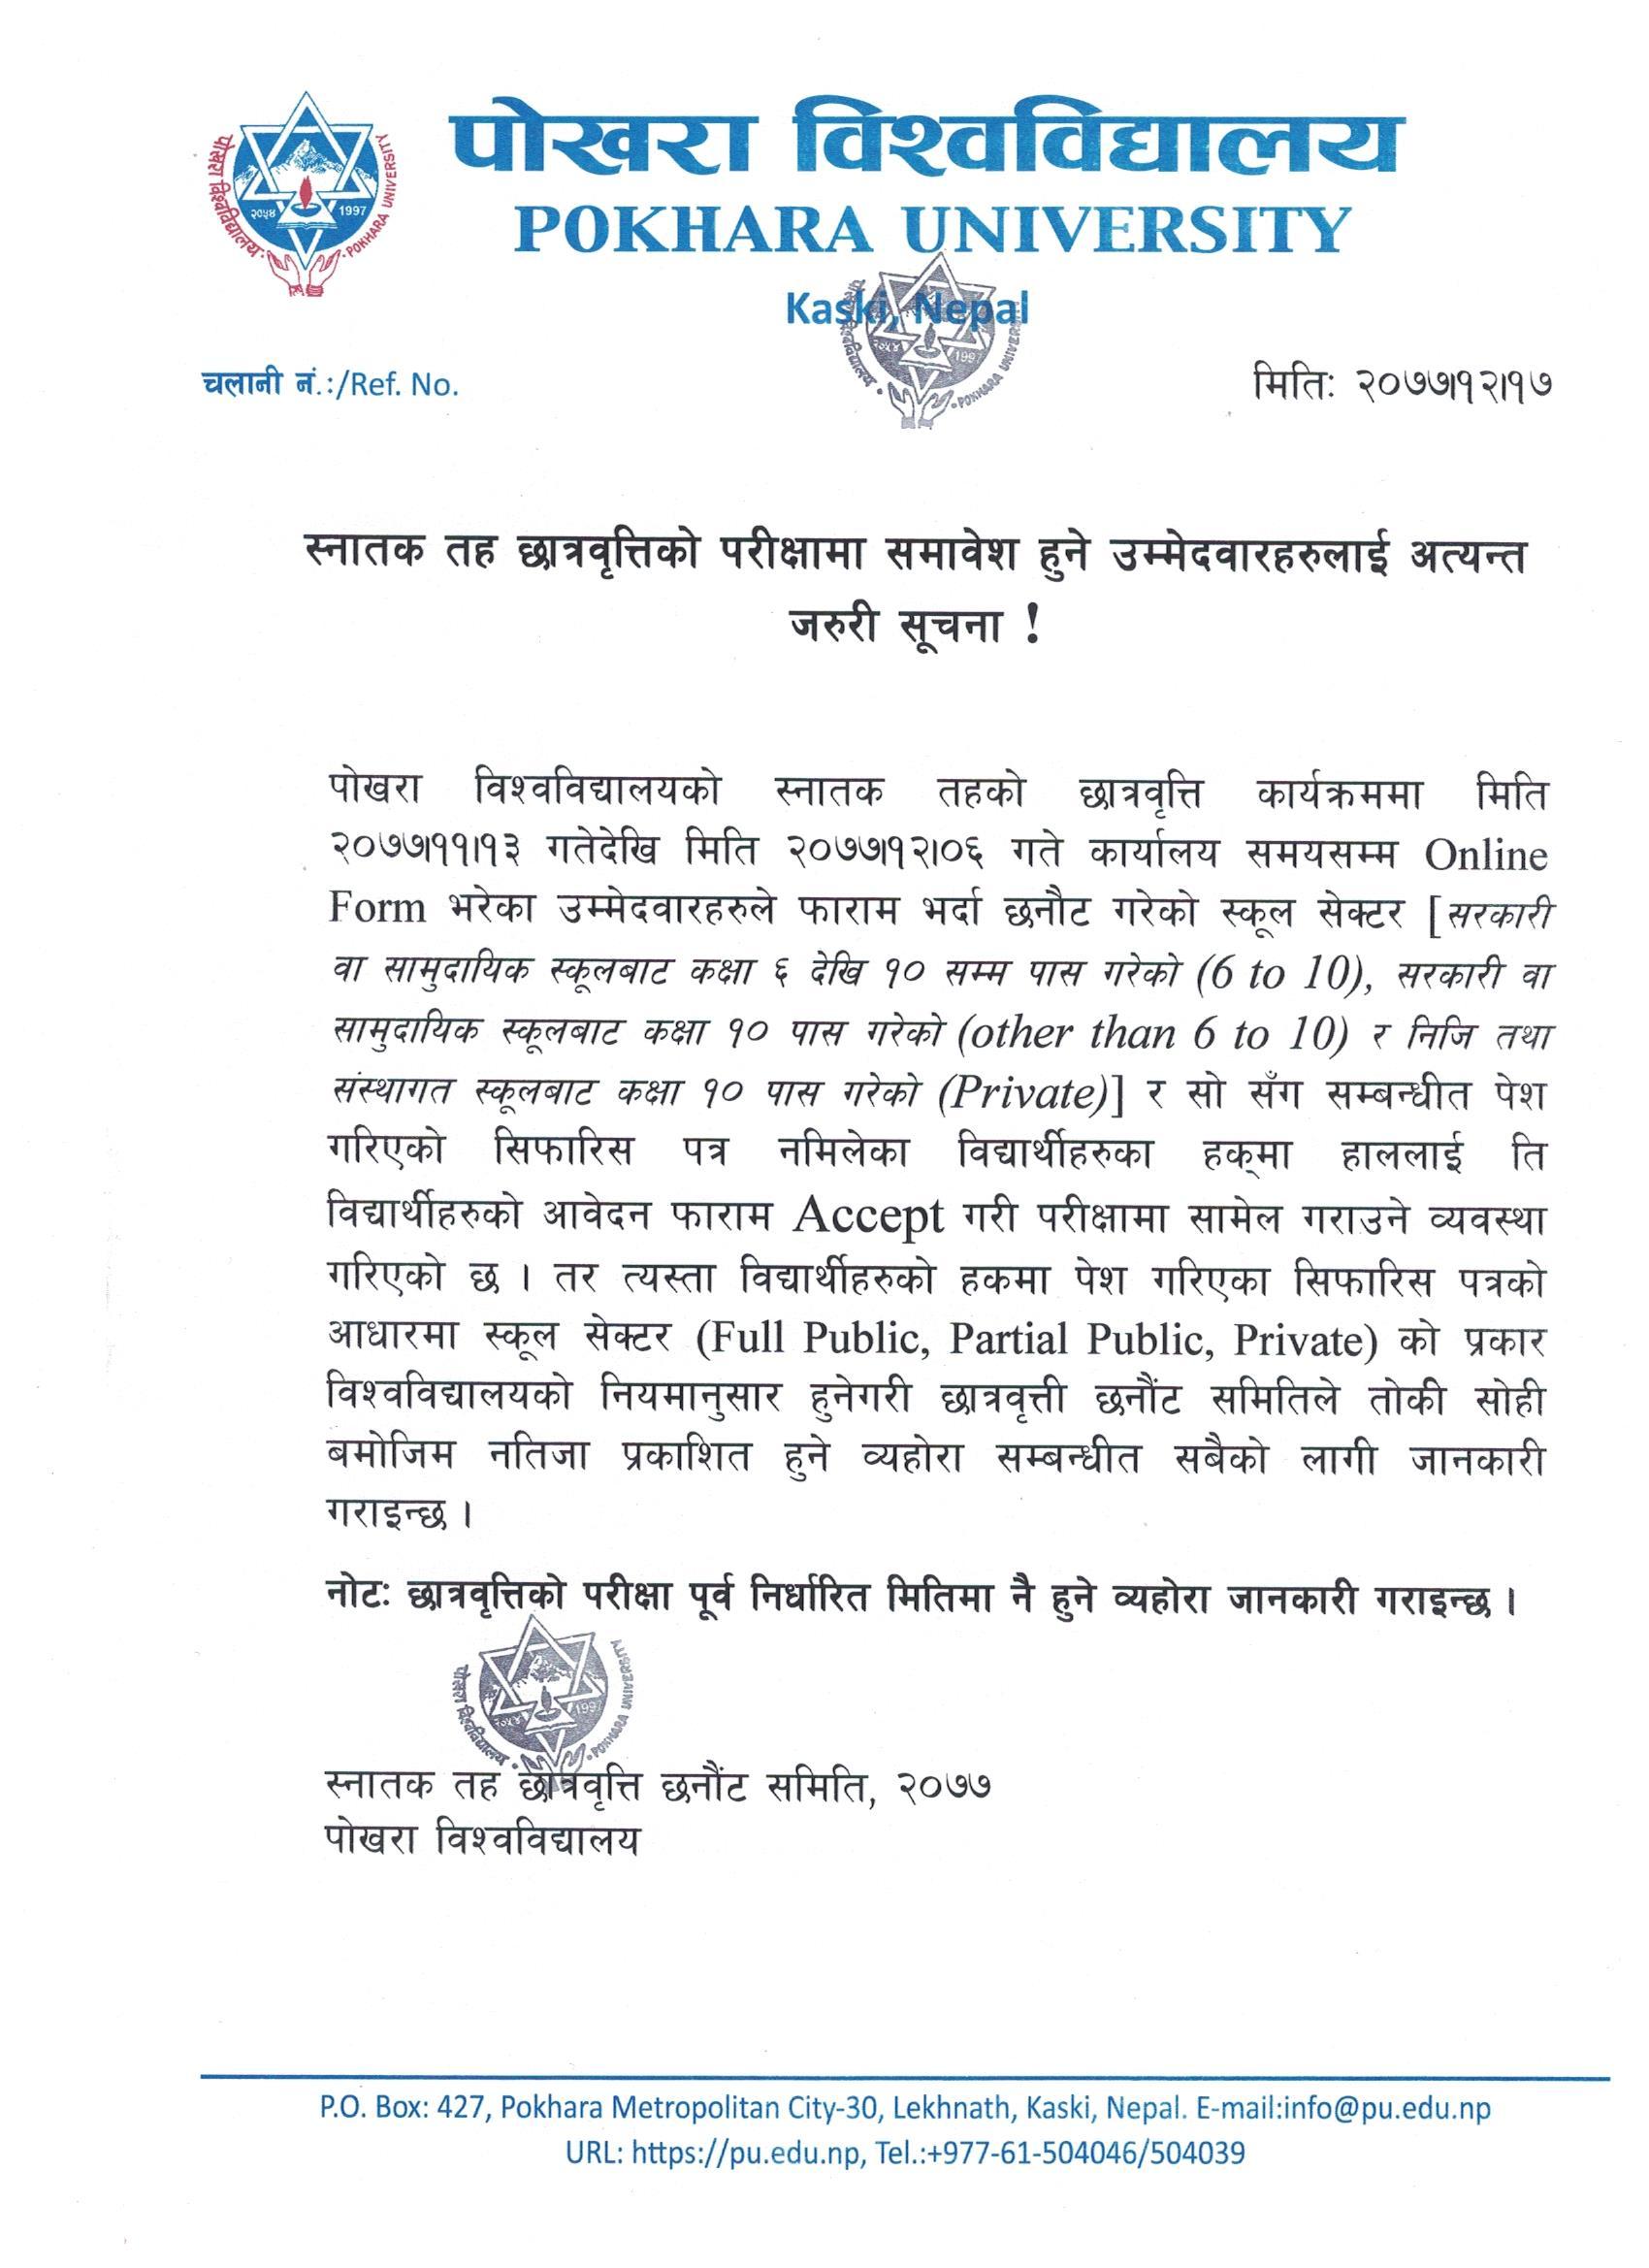 Important Notice Regarding Pokhara University Bachelor Level Scholarship Examination 2077